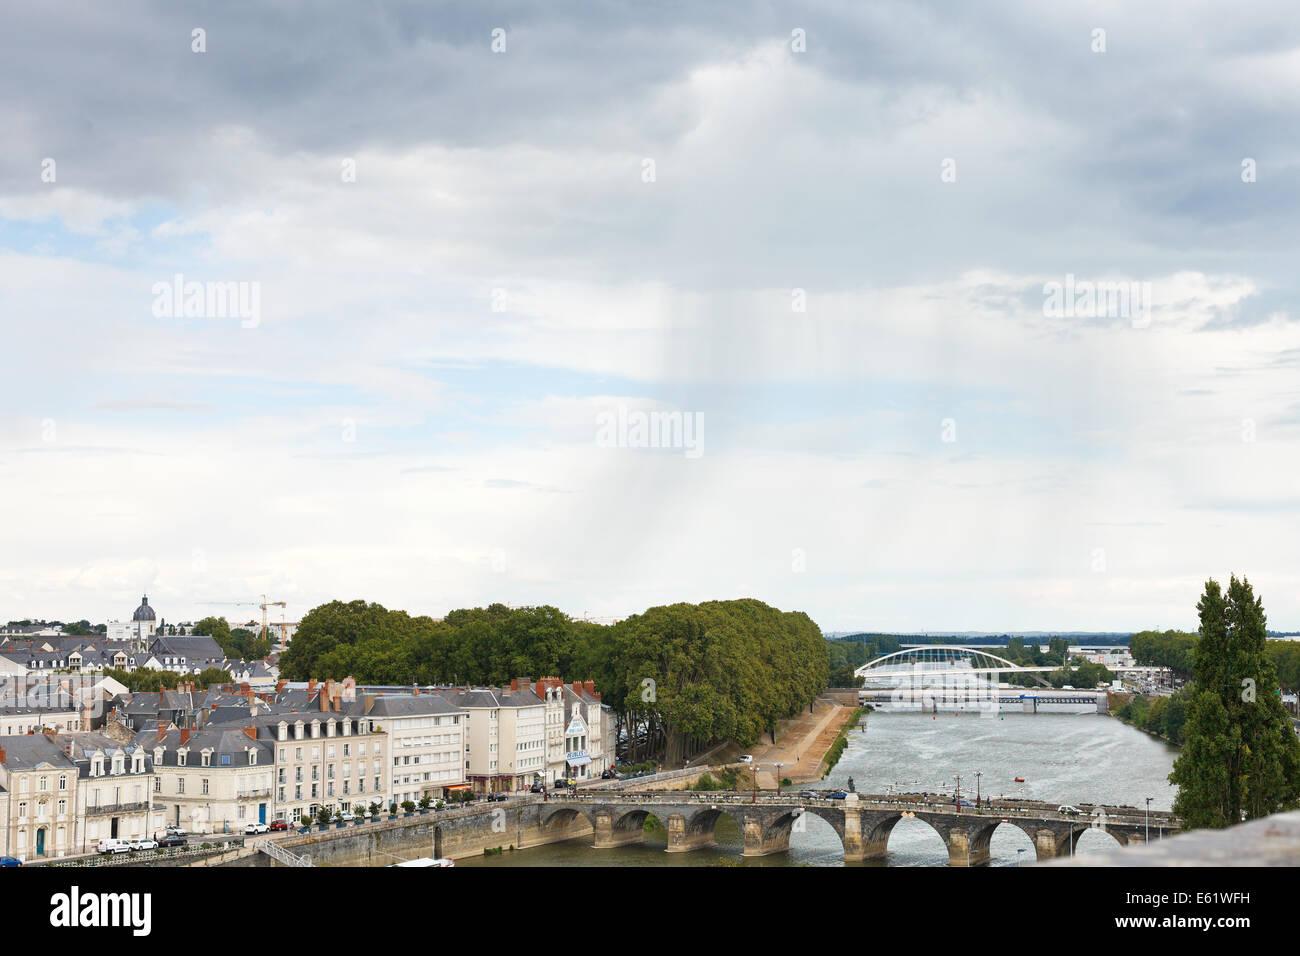 ANGERS, FRANCE - JULY 28, 2014: rain over bridges Pont de Verdun and Pont de Haute Chaine on La Maine river in Anges, - Stock Image